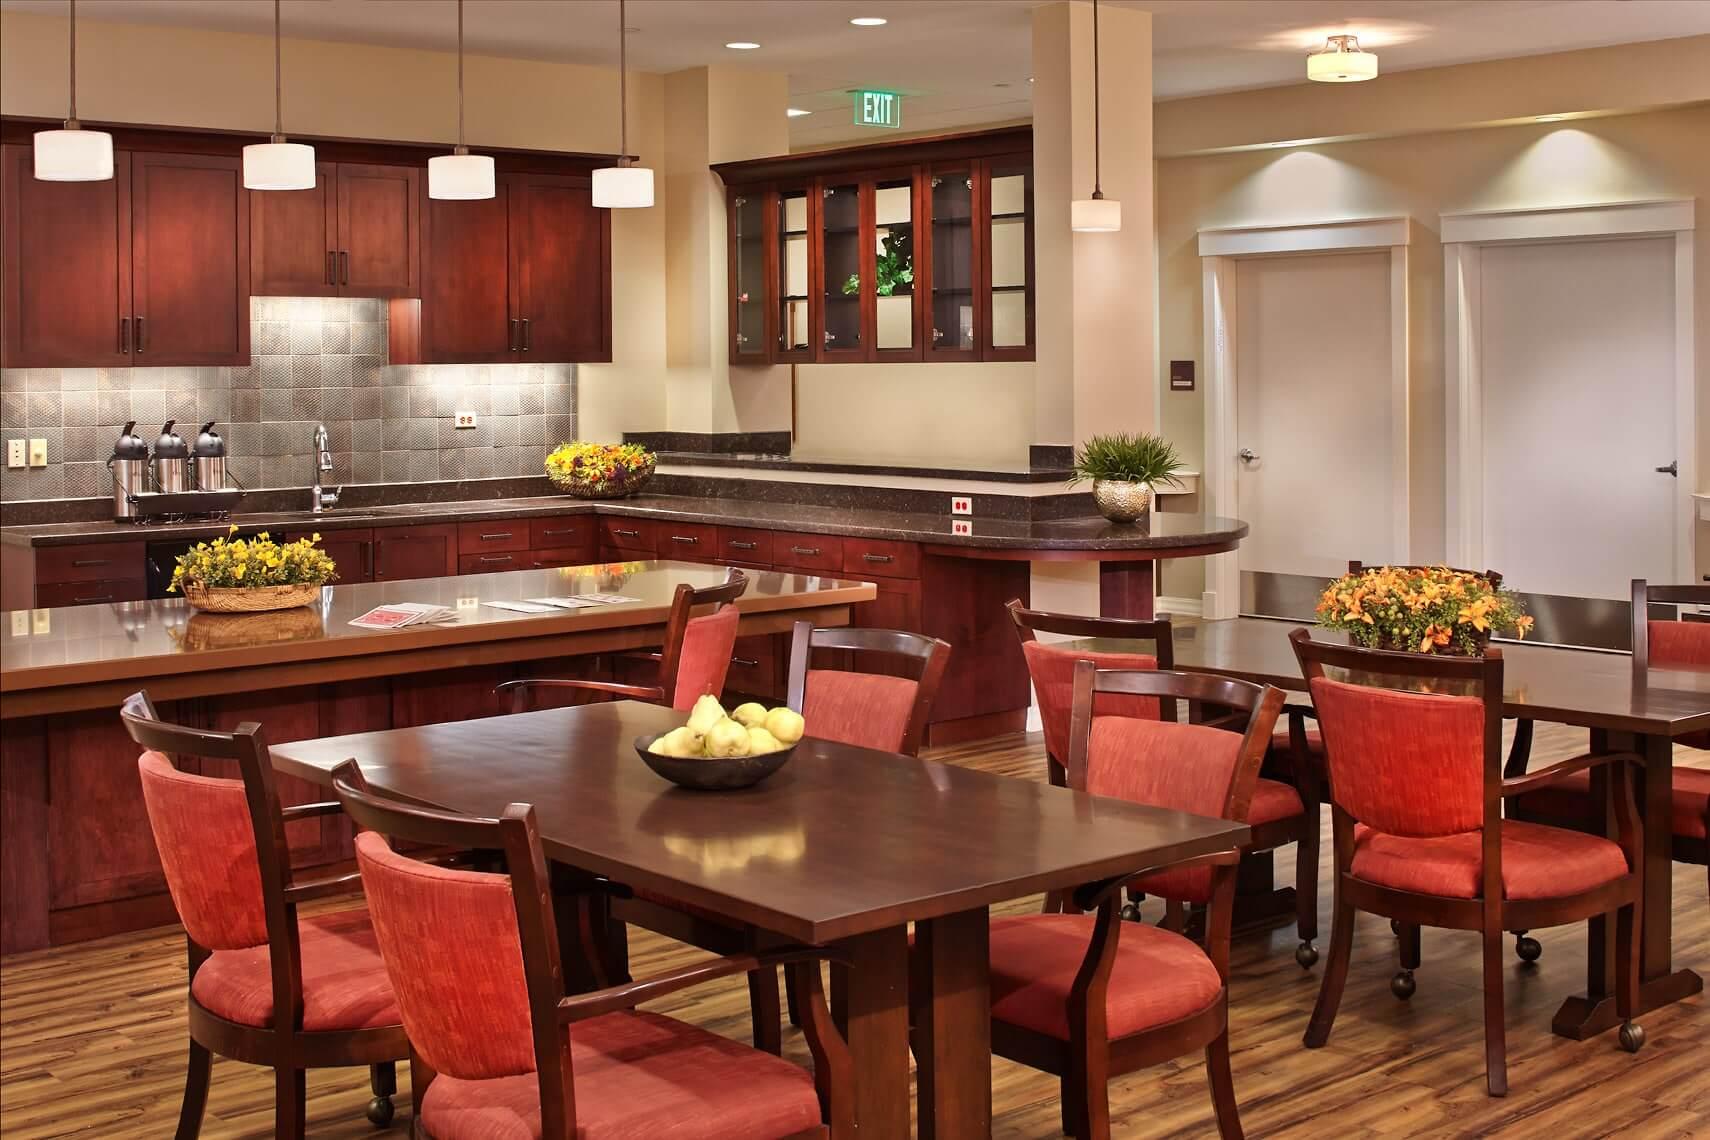 senior dining room